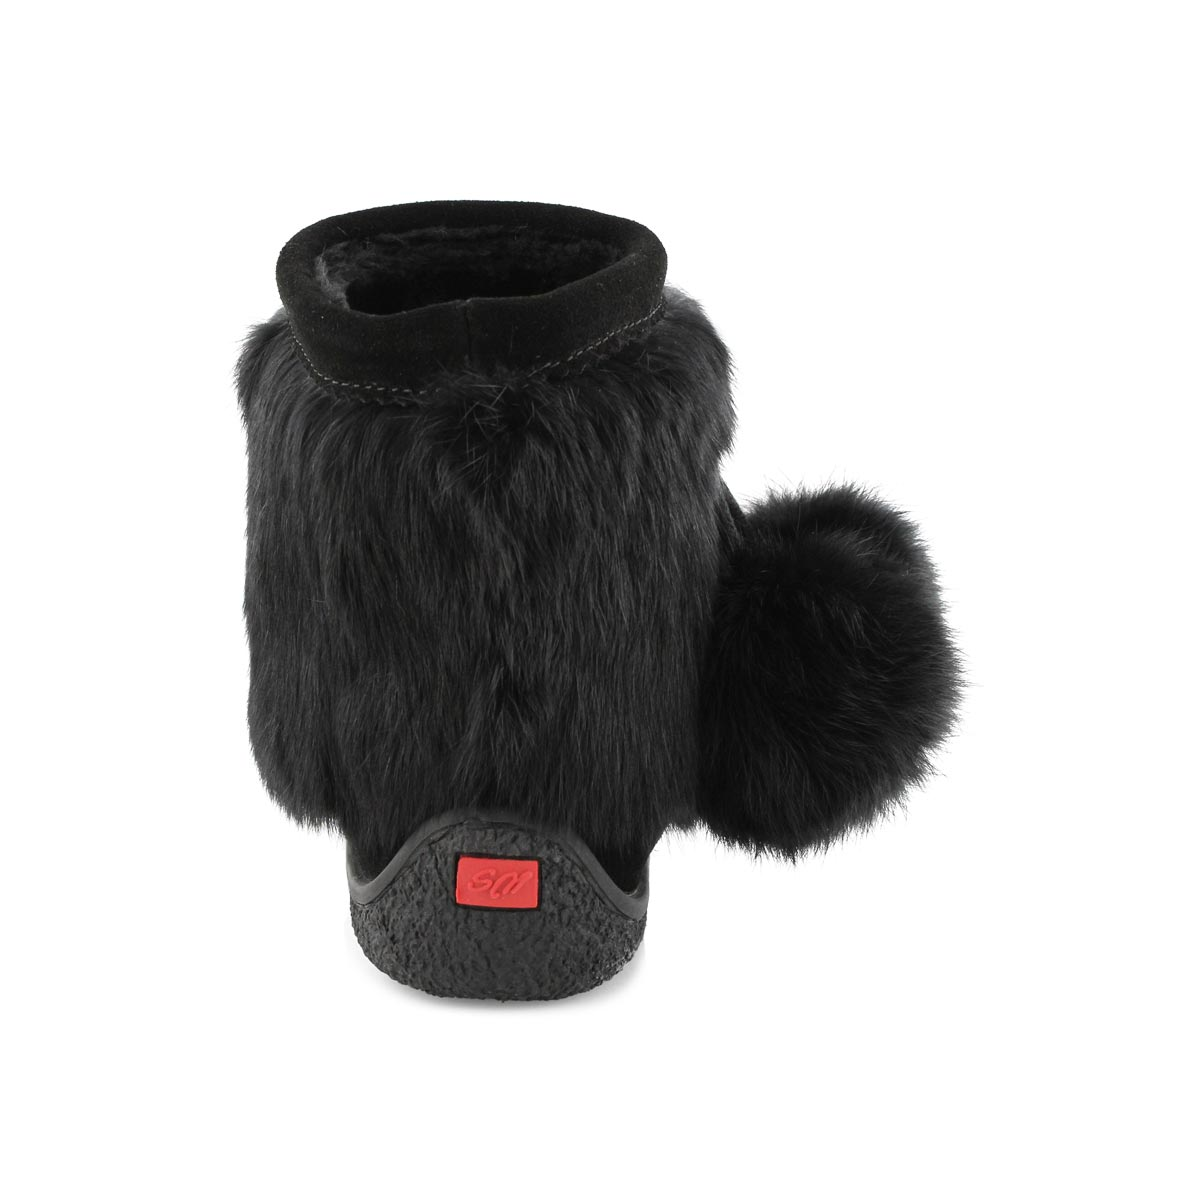 Lds Minimuk Pom black rabbit fur bootie